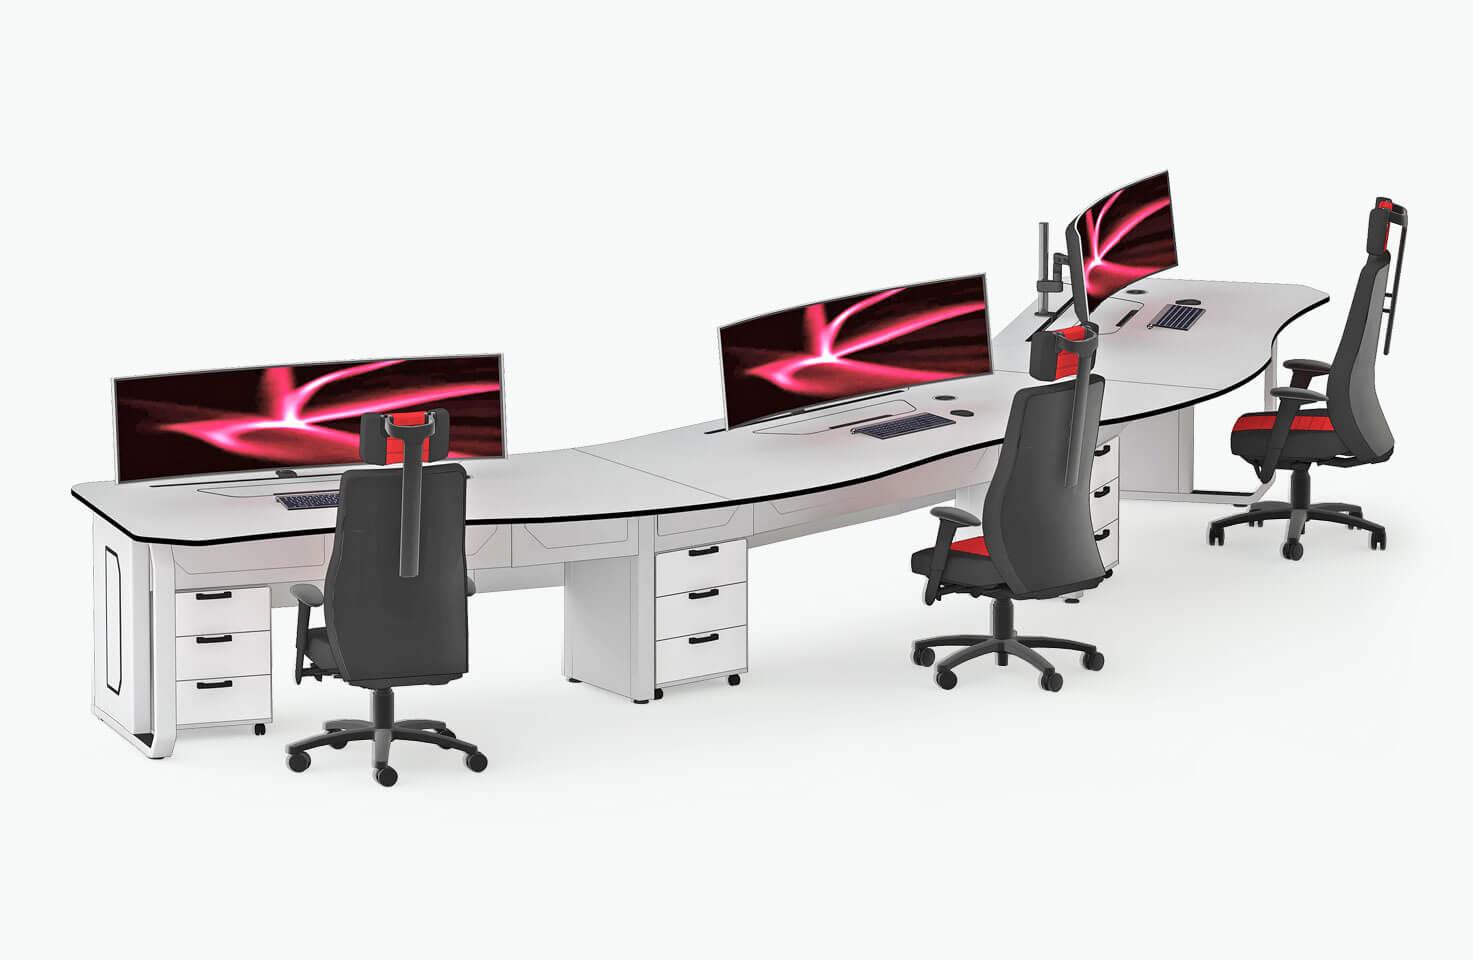 Технологическая мебель Атлант ДЕЛЬТА в конфигурации с внешней дугой на три рабочих места